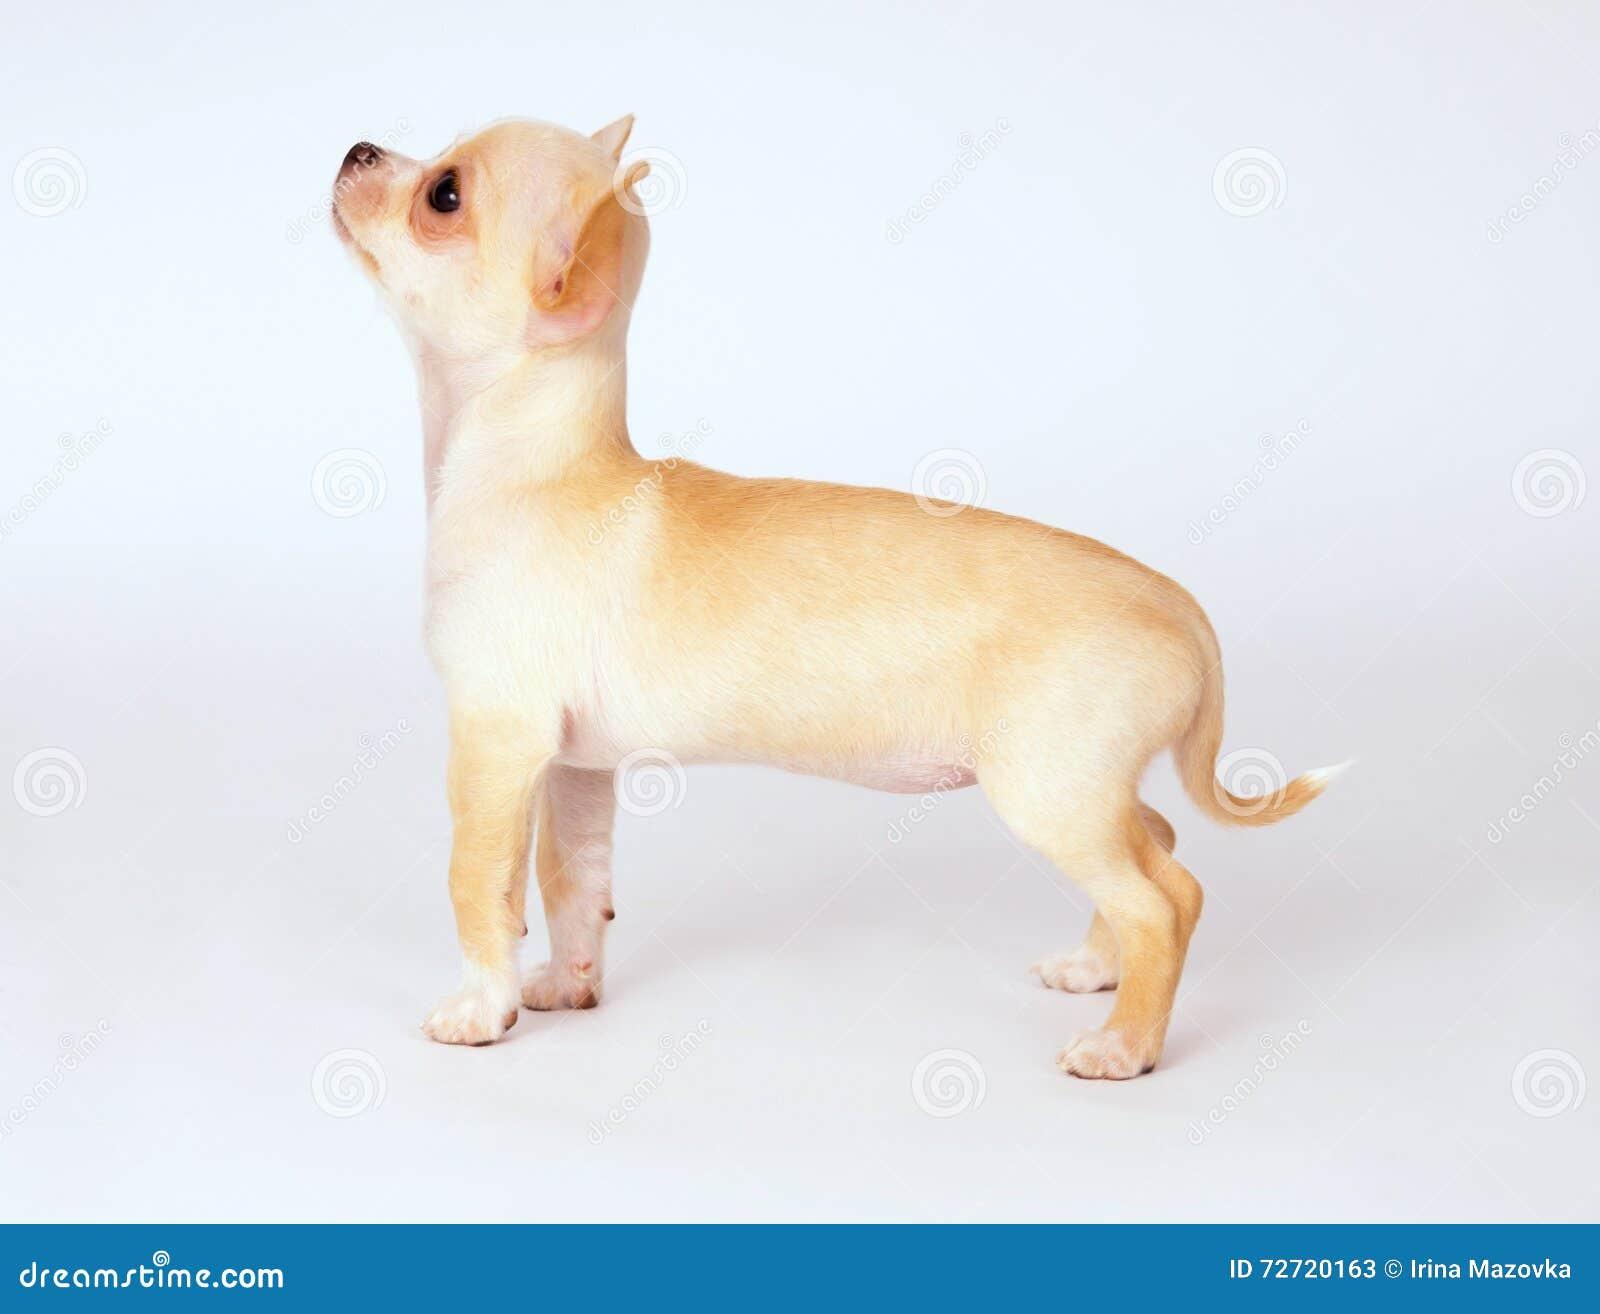 看在上面的小的白色小狗奇瓦瓦狗